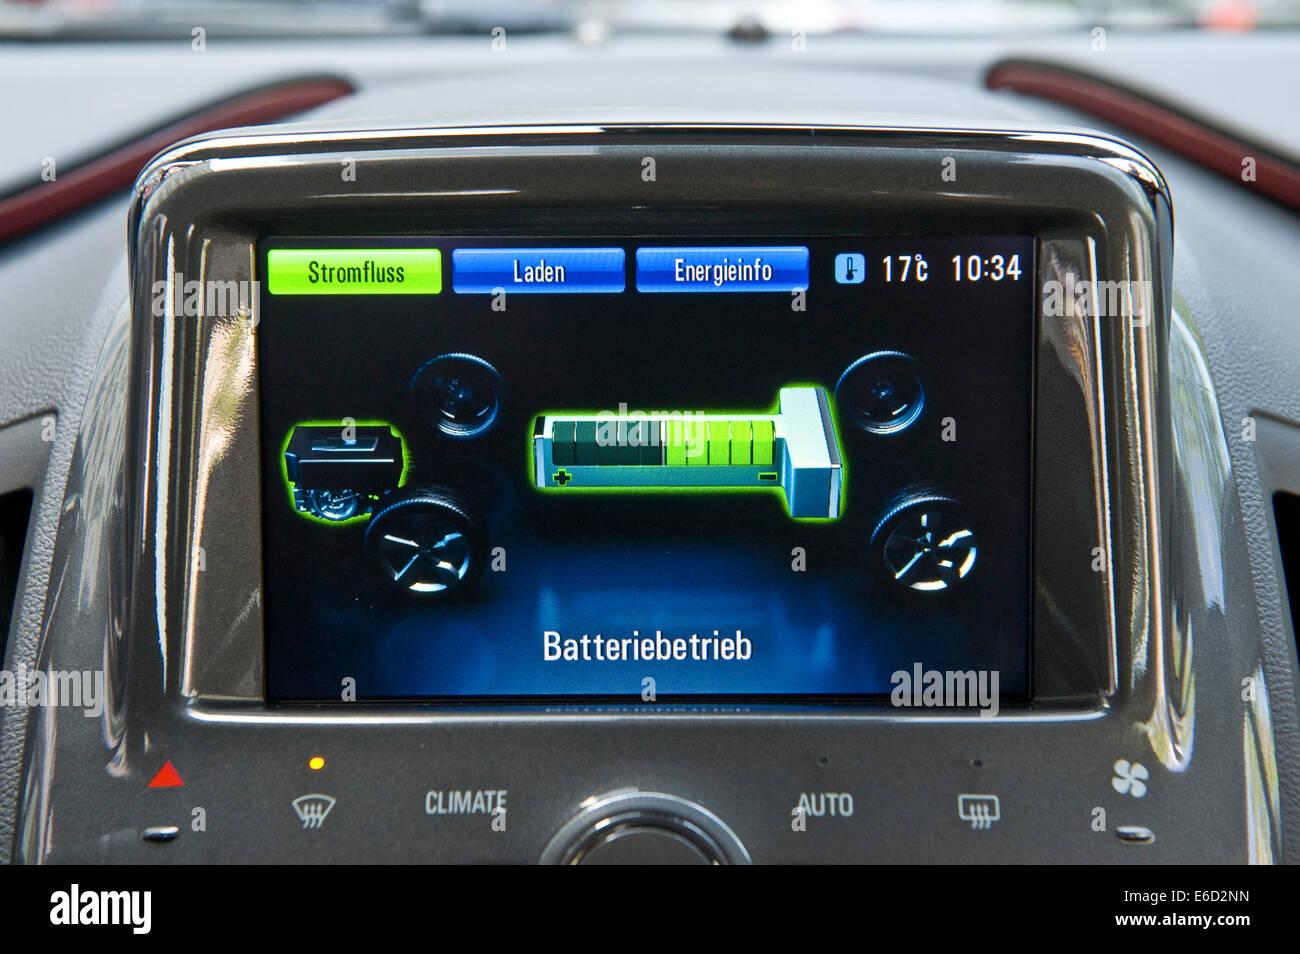 Visualización en modo de batería, coche eléctrico Opel AMPERA, Alemania Imagen De Stock